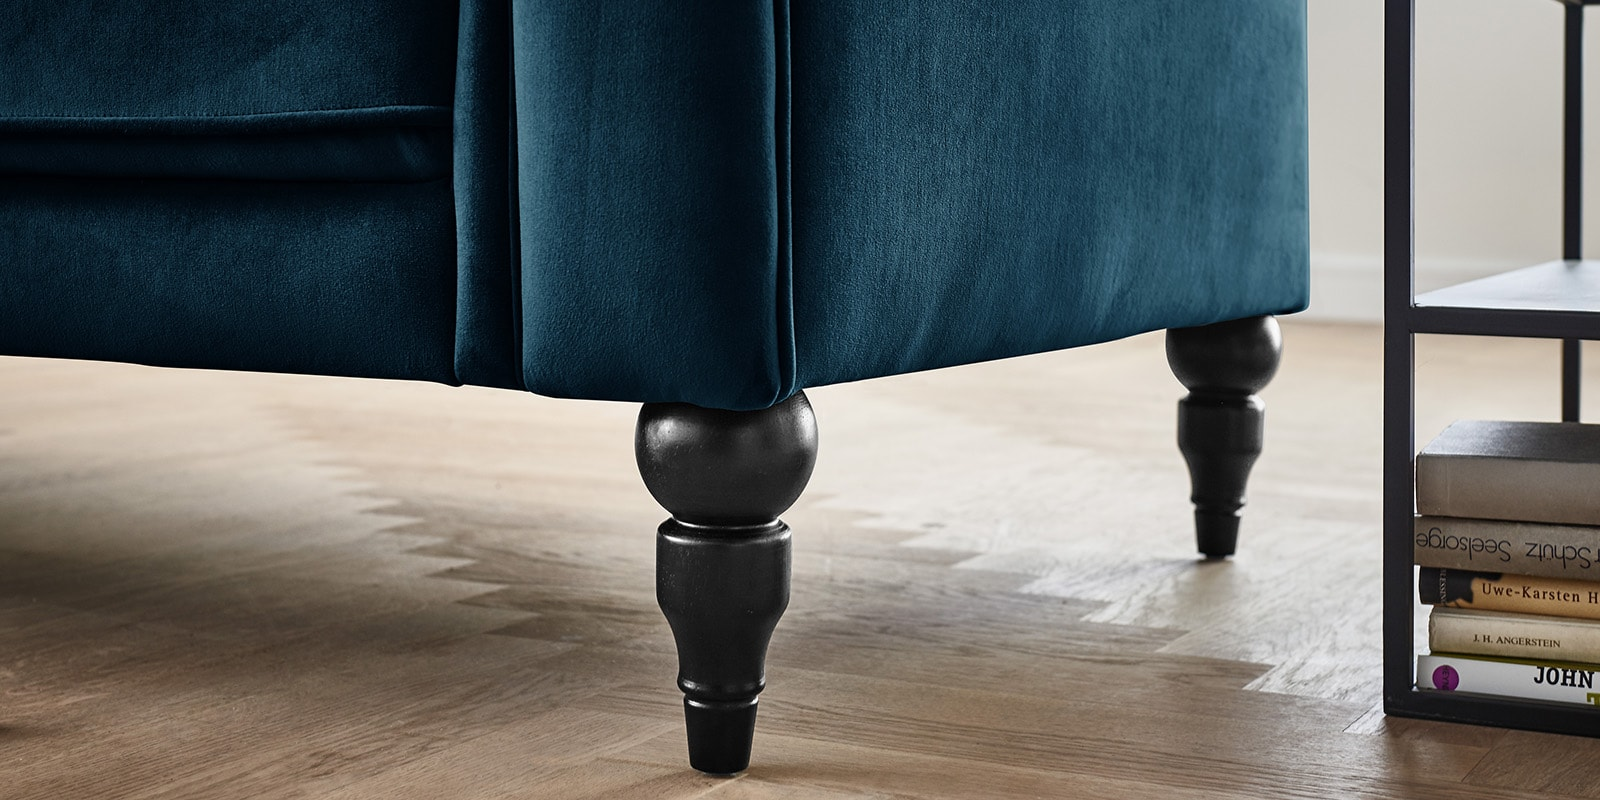 Moebella24 - 3-2-1-Sitzer - Sofa - Hudson - Chesterfield - Samt - Türkis - Dekorative - Nähte - und - Versteppungen - Knopfheftung - Barock-Design - Füße - Detailaufnahme